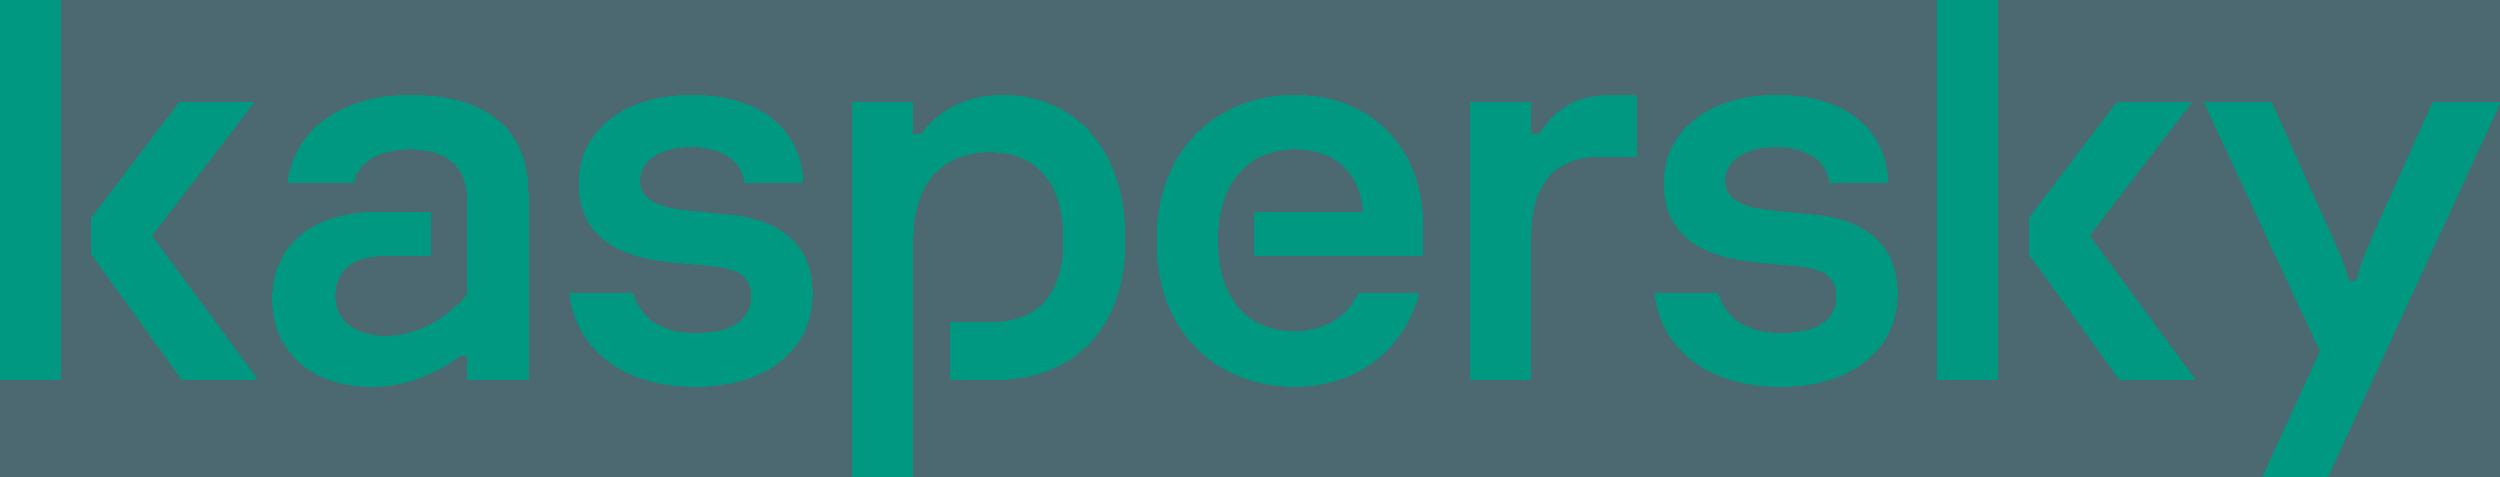 Kaspersky Security Awareness logo